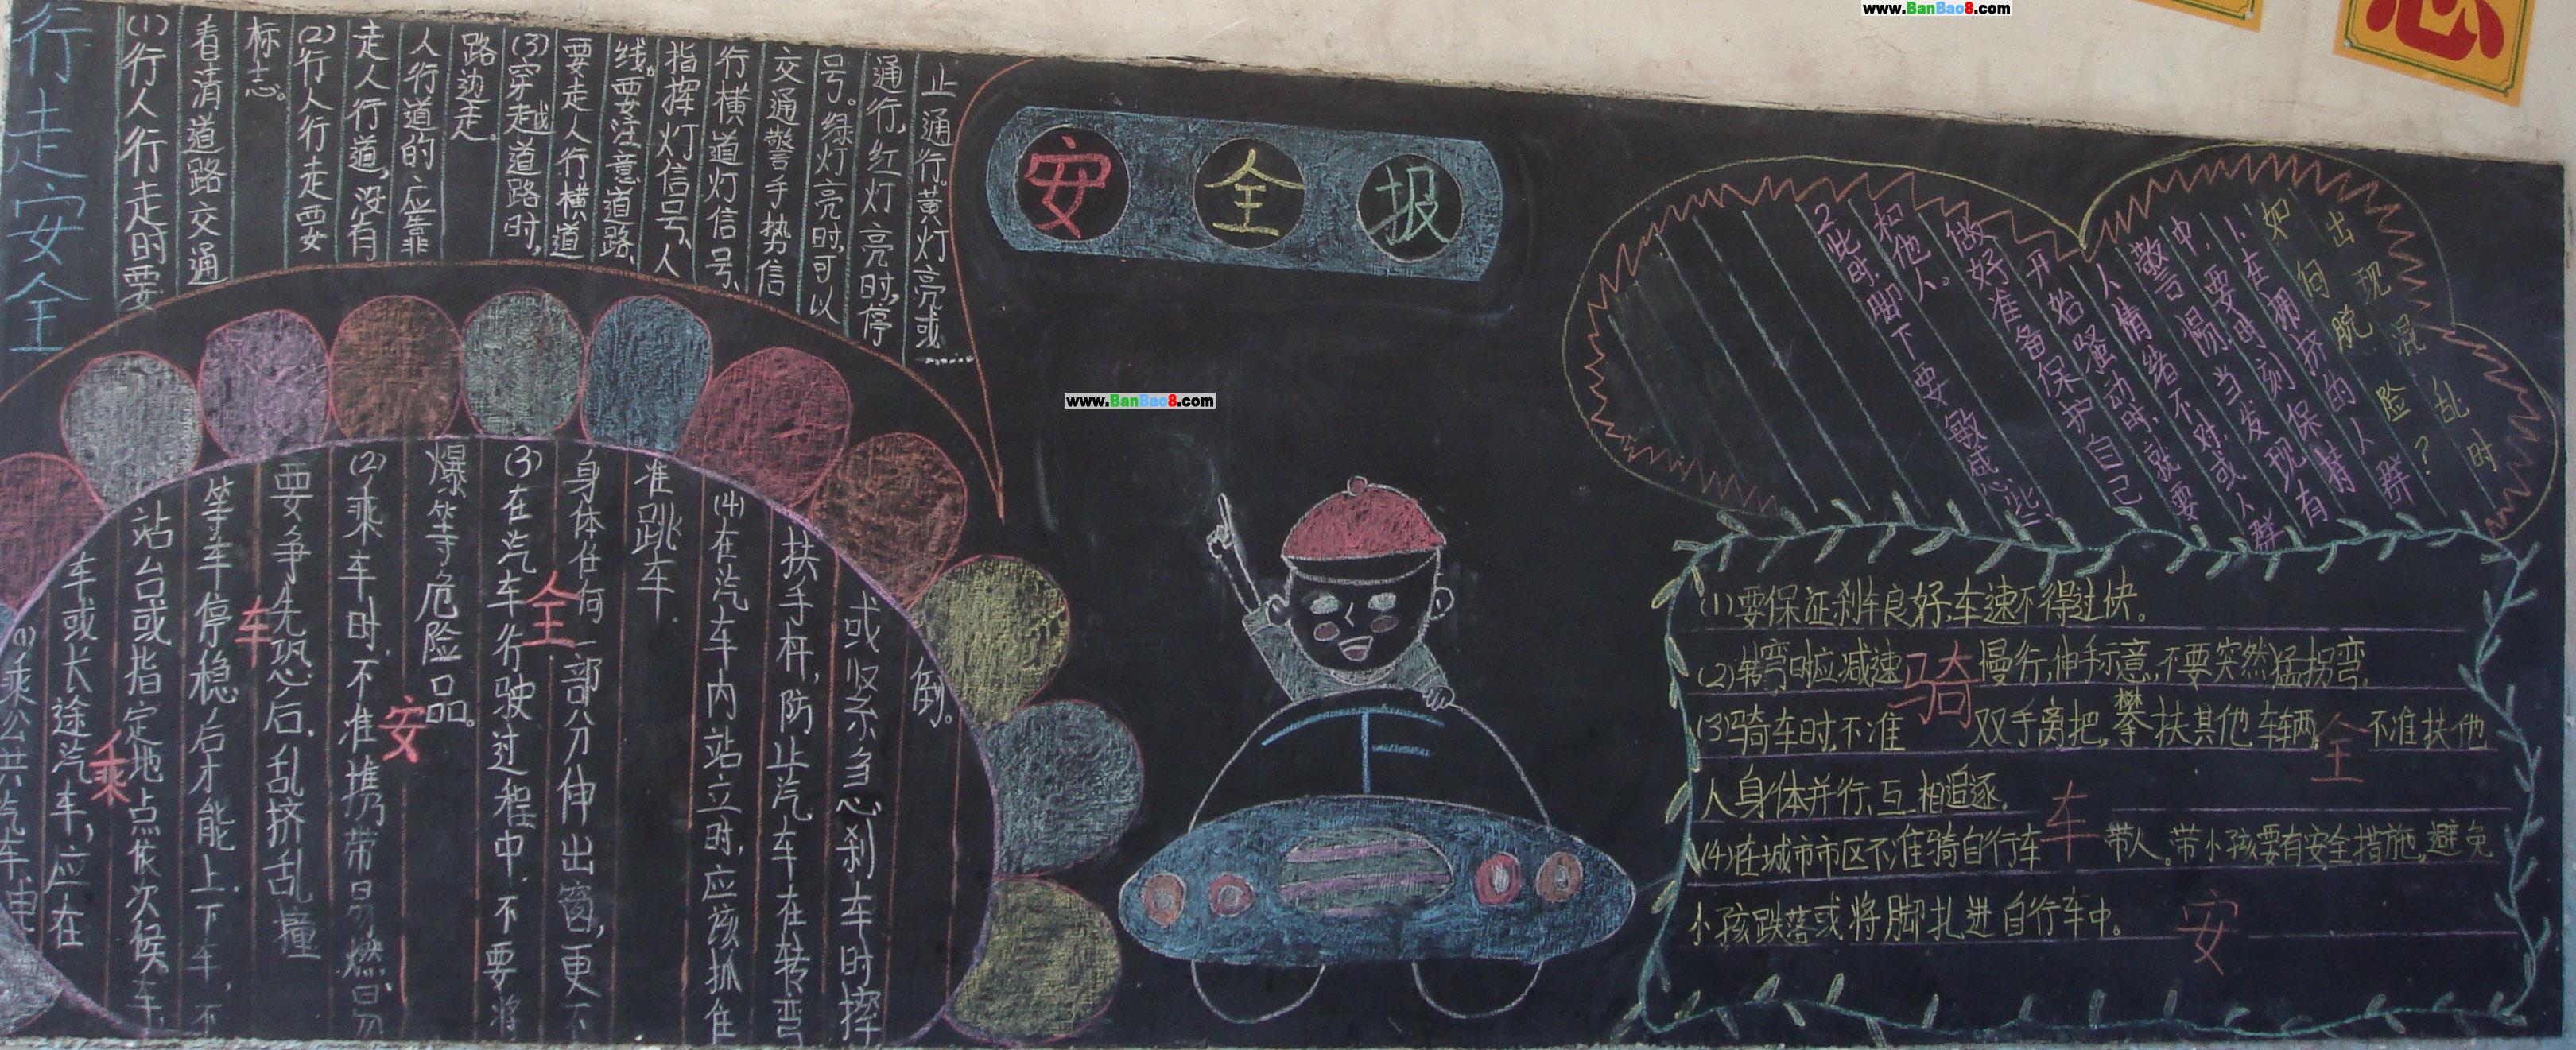 设计图分享 卫生教育黑板报设计图秋季 > 10.